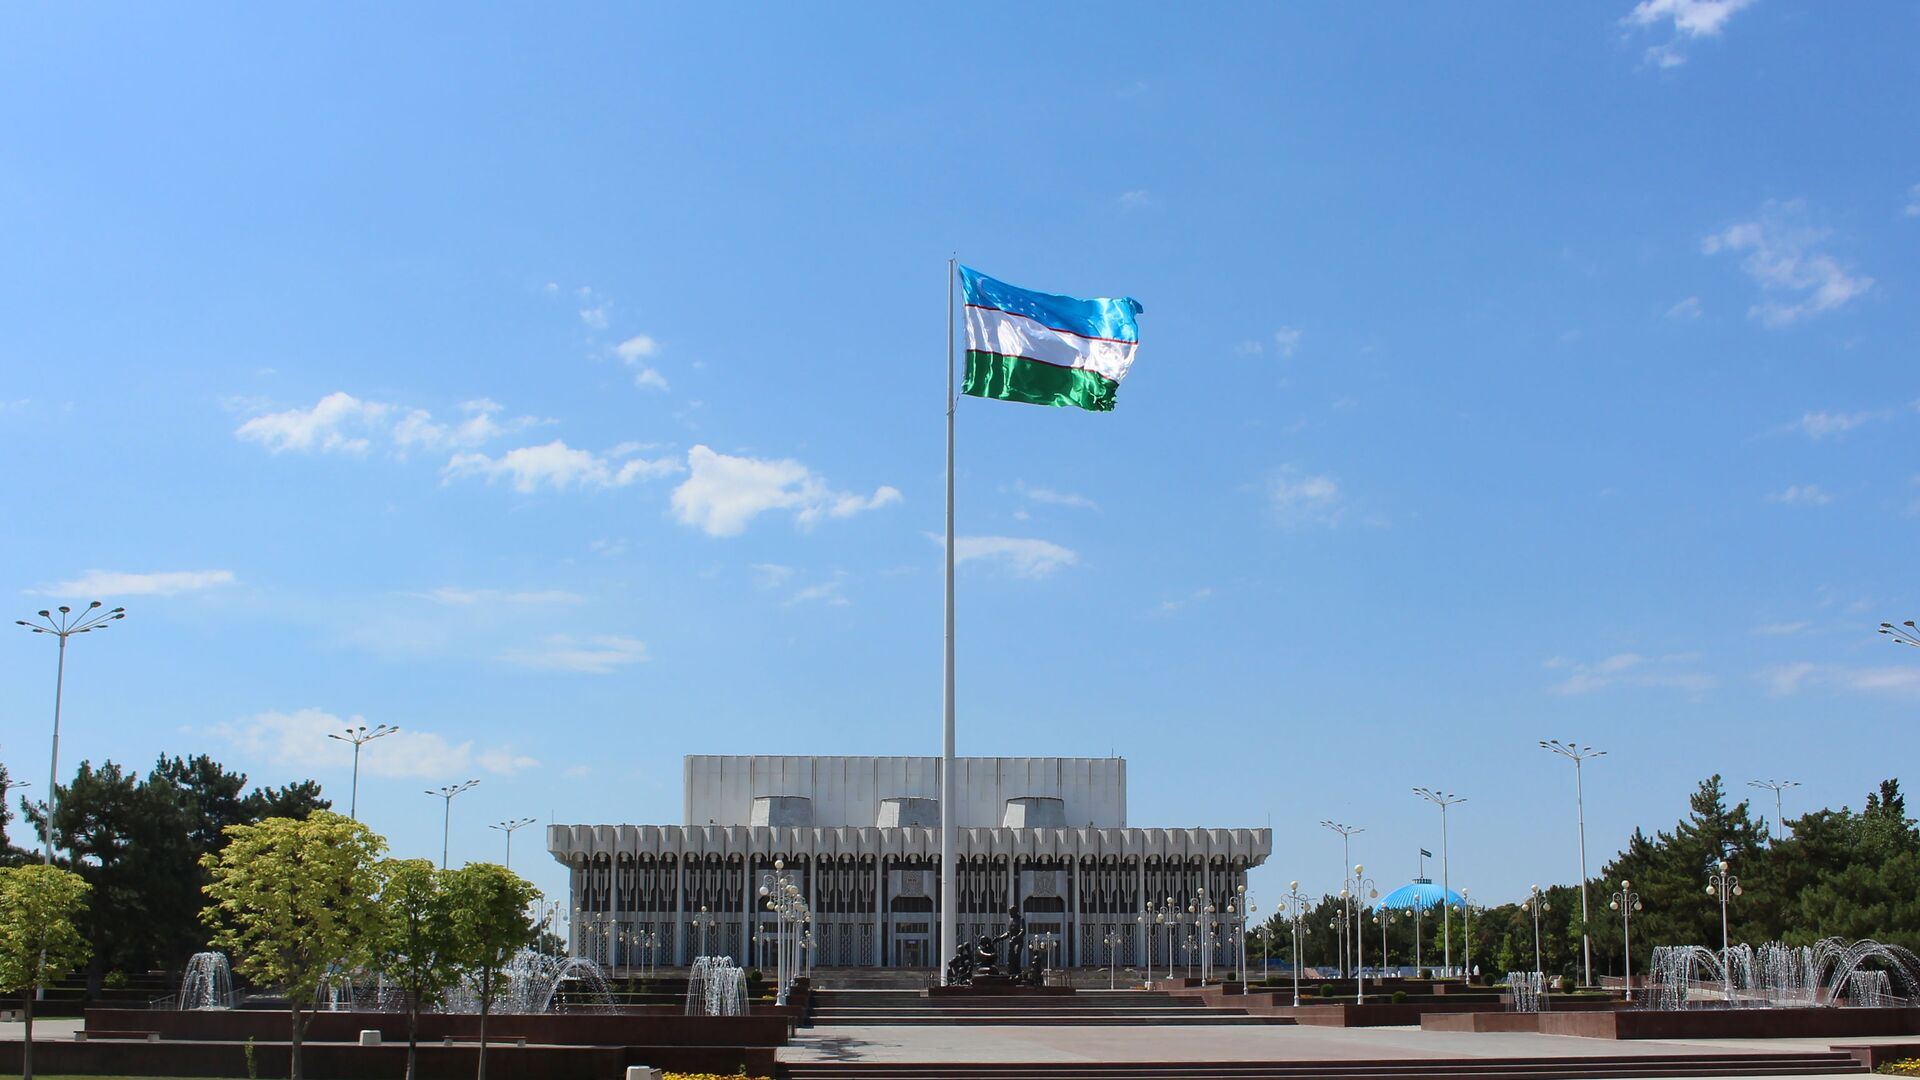 Площадь Дружбы народов - Sputnik Ўзбекистон, 1920, 10.08.2021